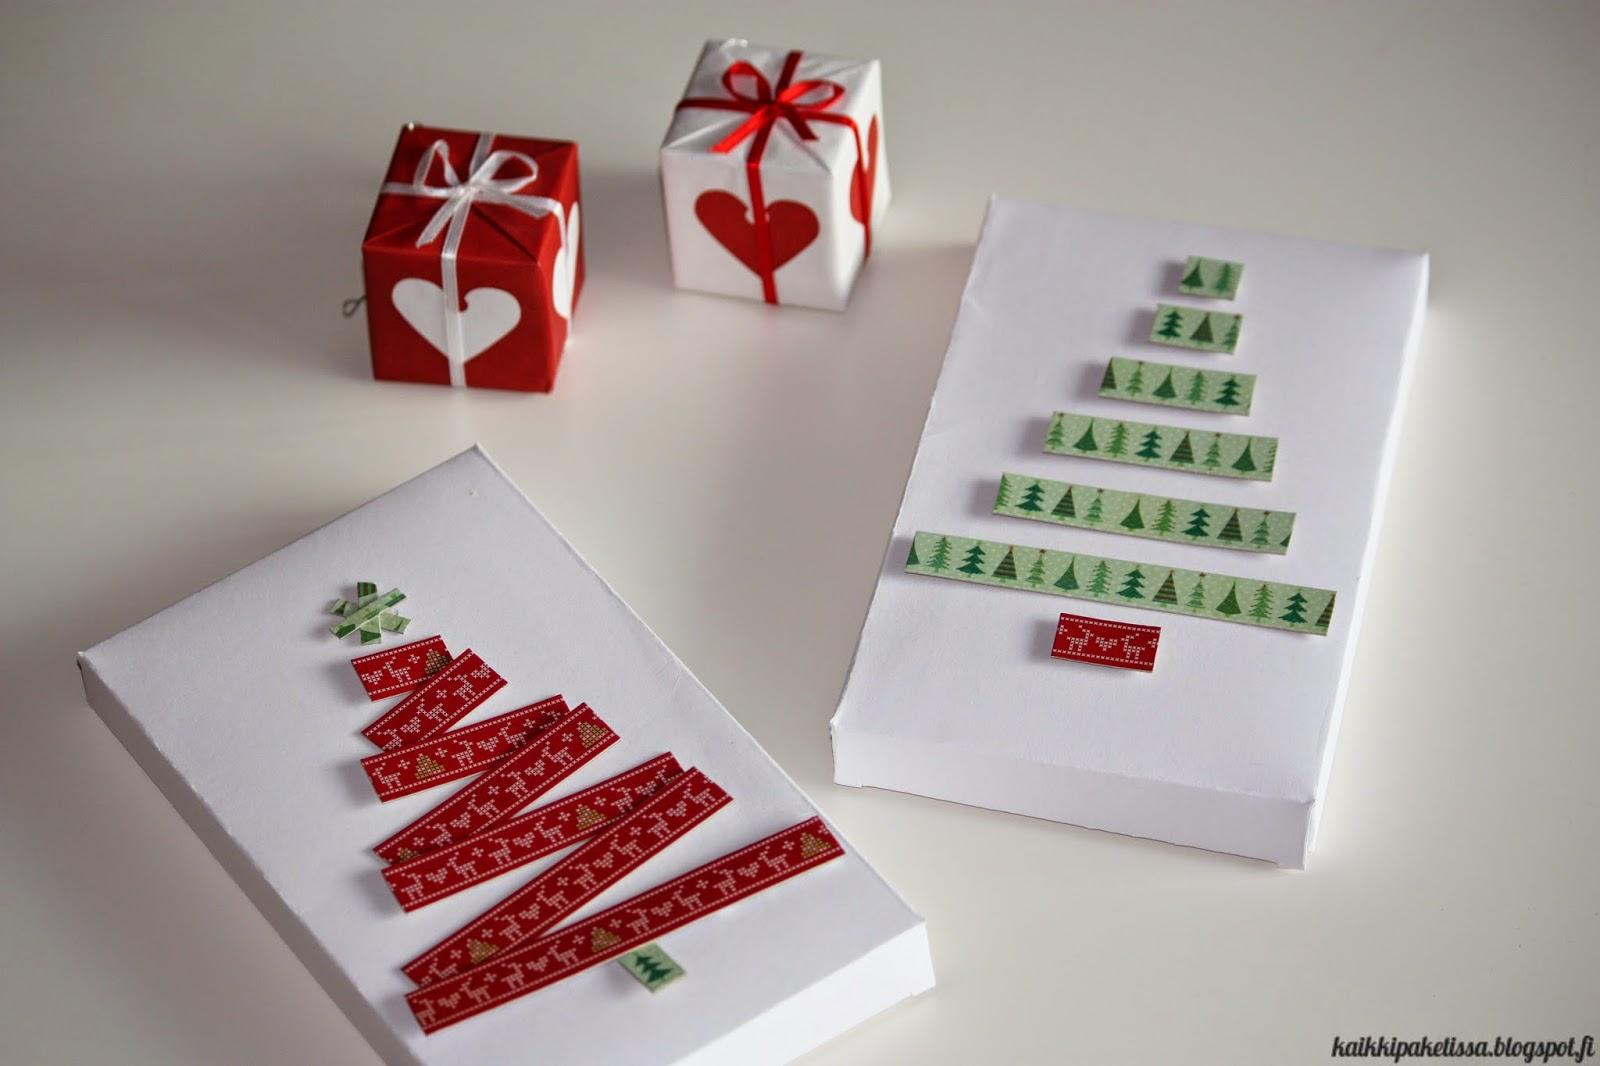 Kaikki Paketissa joululahja paketointi